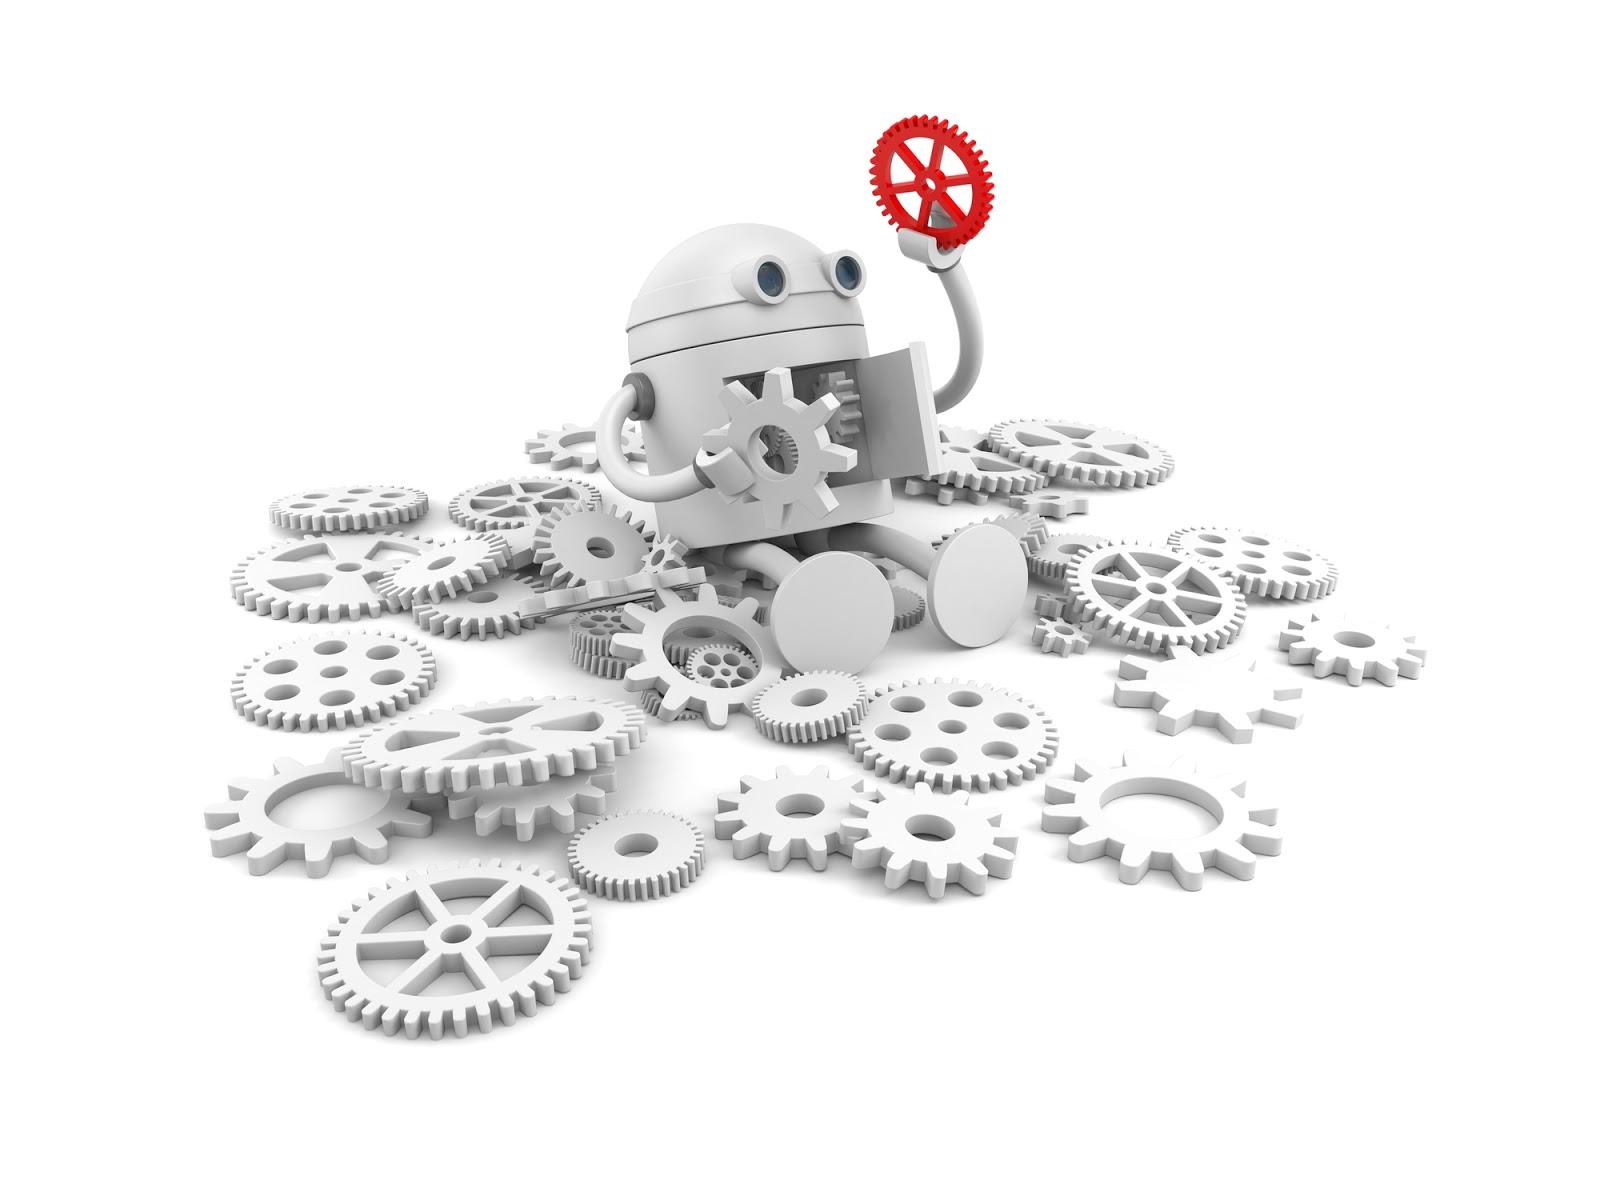 Любовь, смерть и роботы рассматриваем рассказы Азимова глазами разработчика